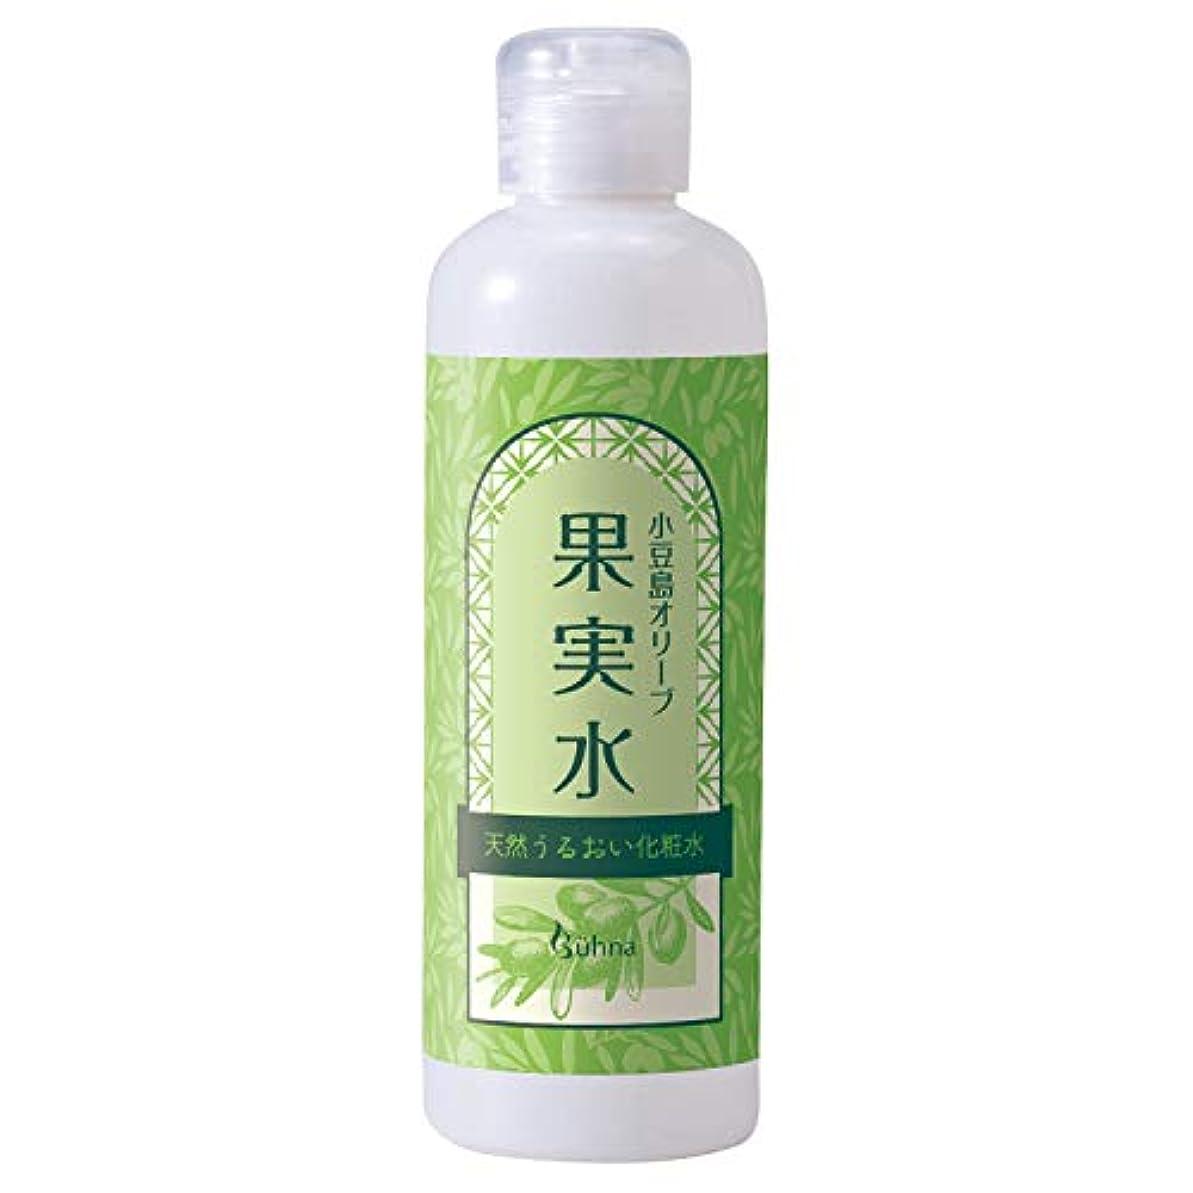 明らかに波周辺ビューナ 小豆島オリーブ果実水 化粧水 保湿 オリーブオイル 無着色 アルコールフリー パラベンフリー 合成香料不使用